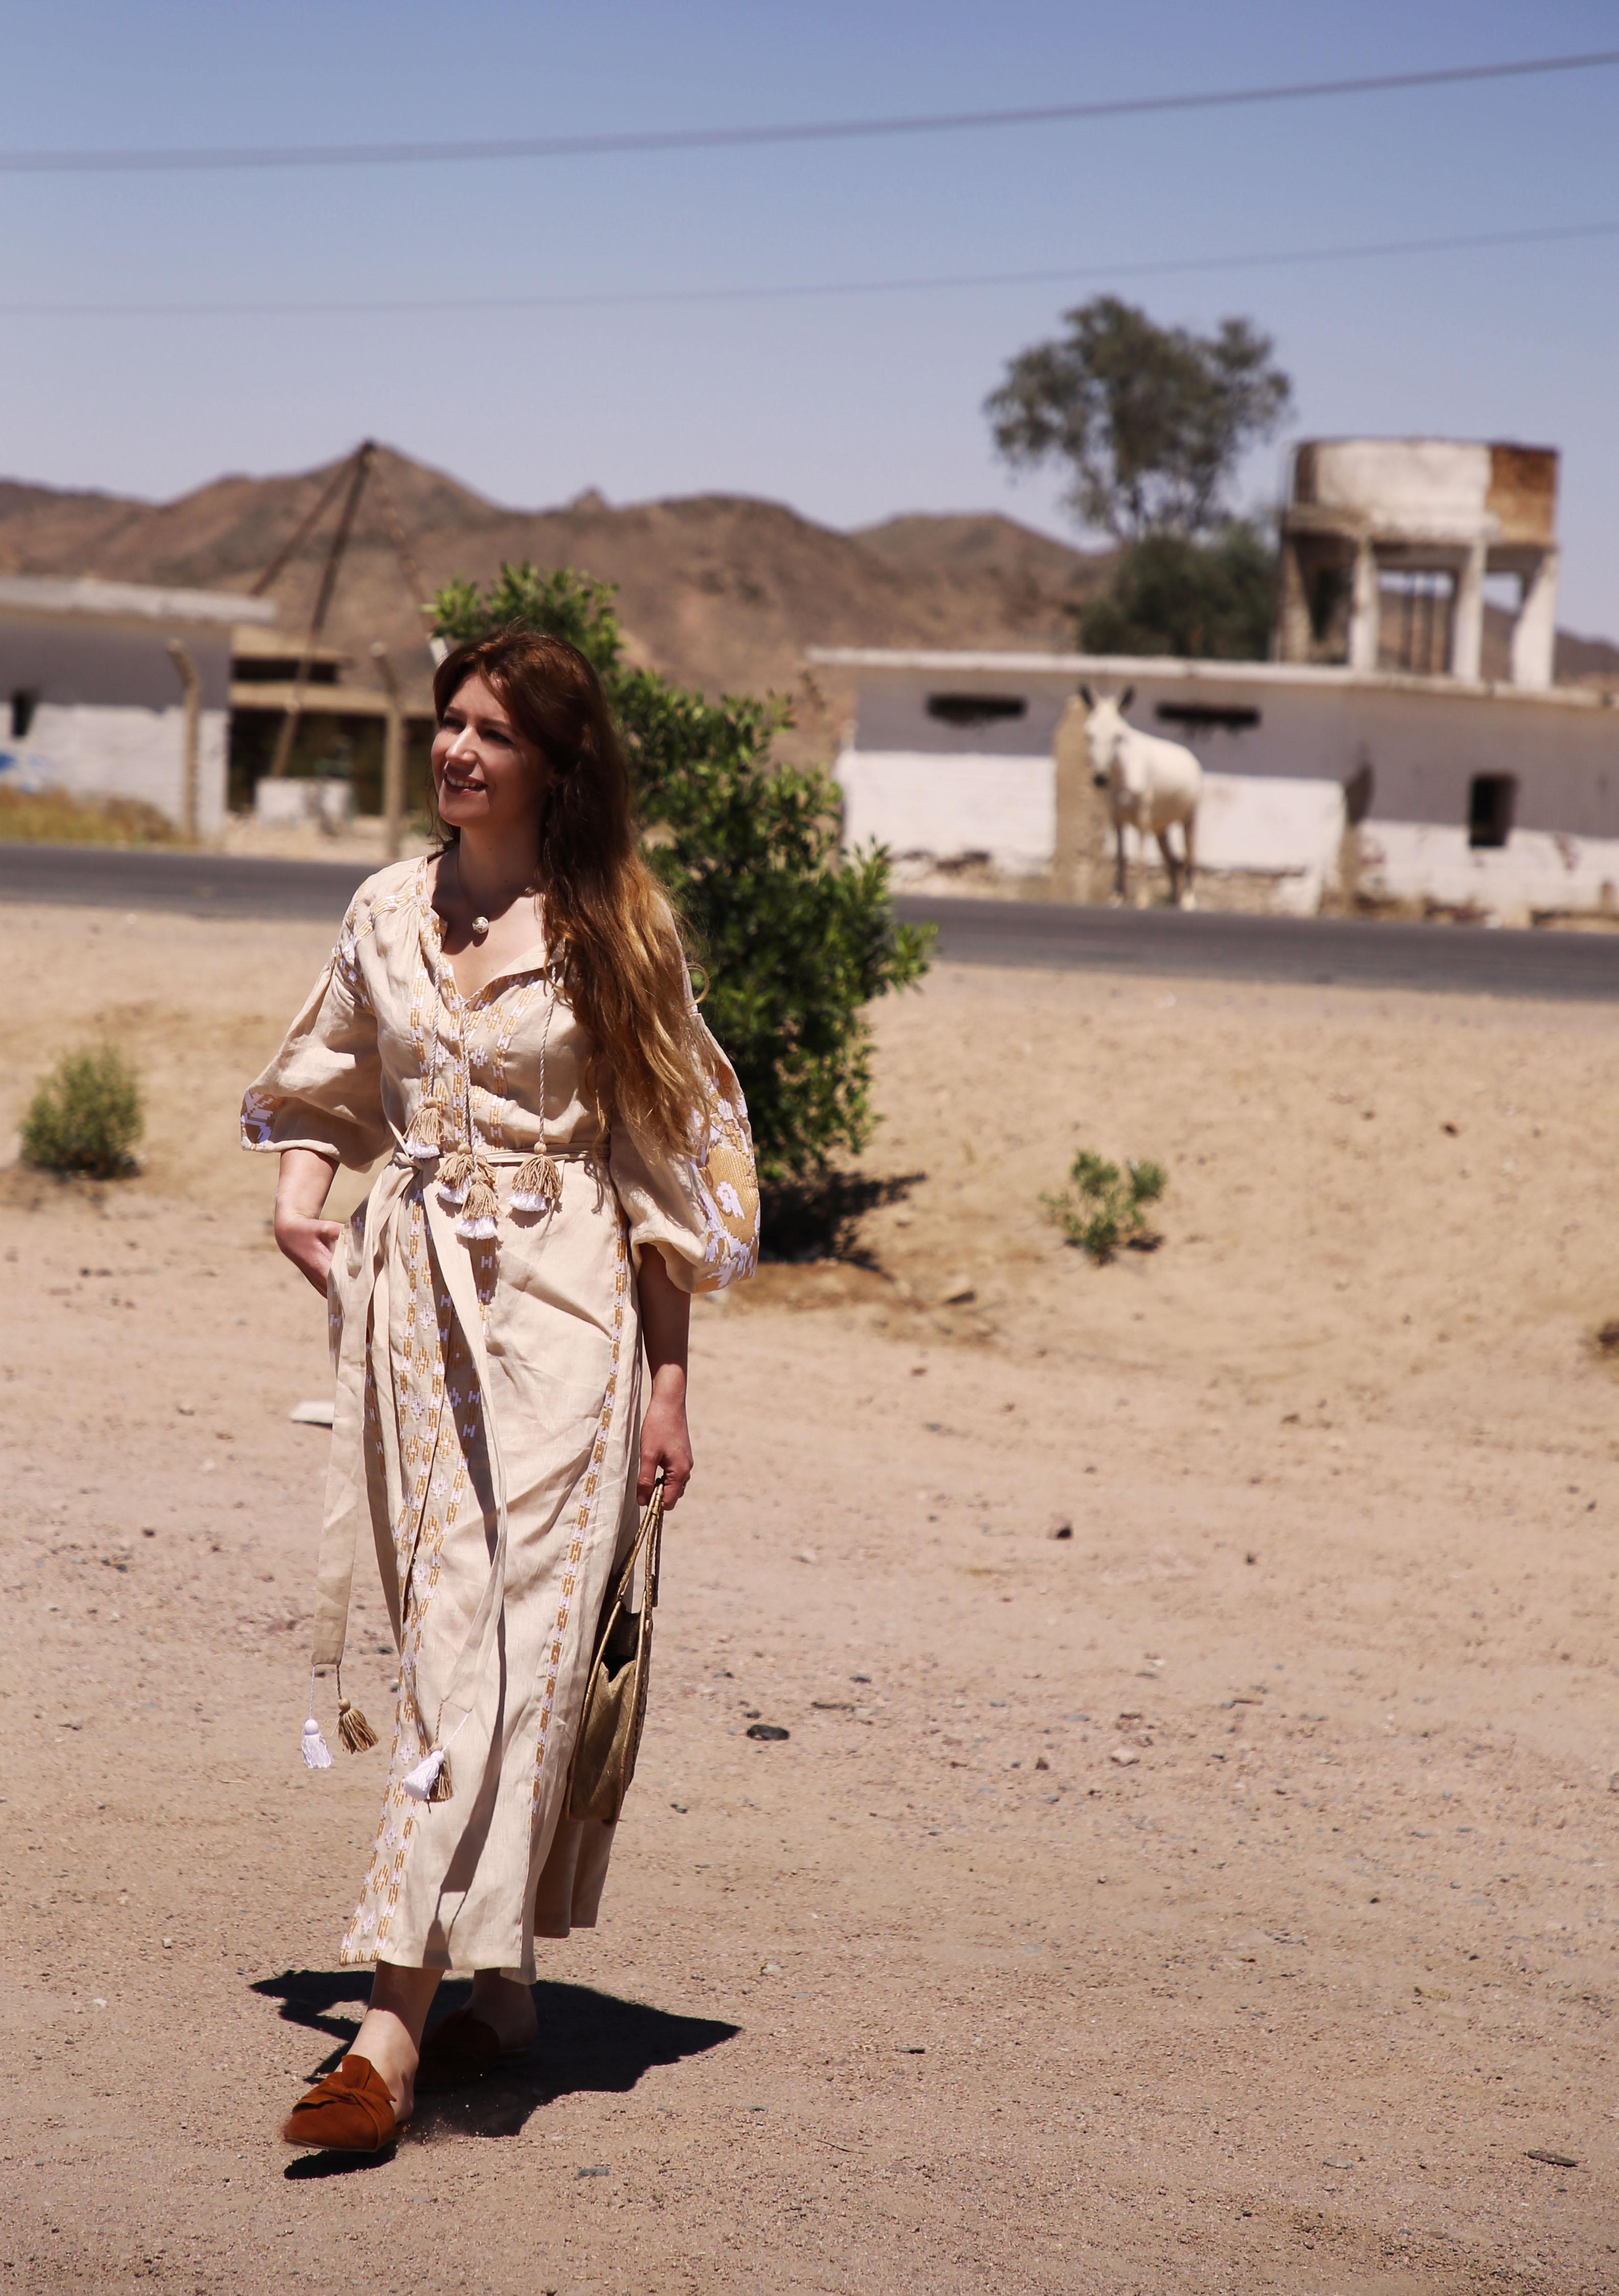 mia und ich blog Oase Arabische Wüste Esel Ägypten Egypt